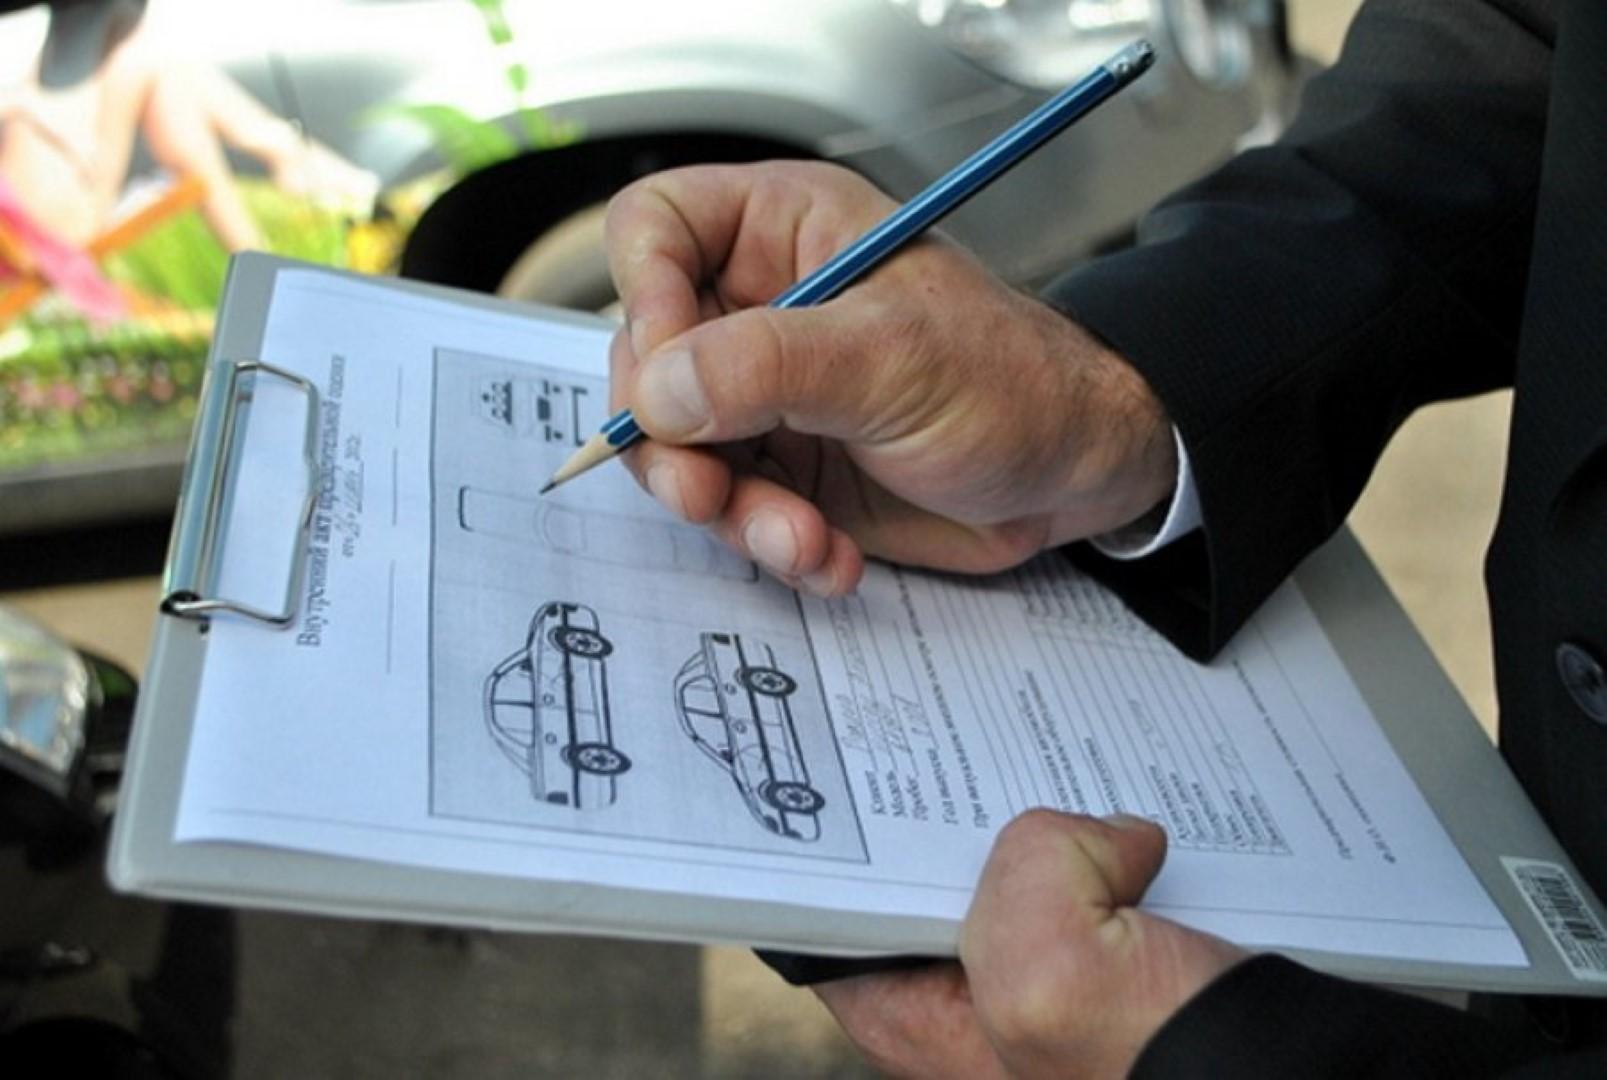 Оценка автомобиля для наследства: нужна ли для вступления и нотариуса